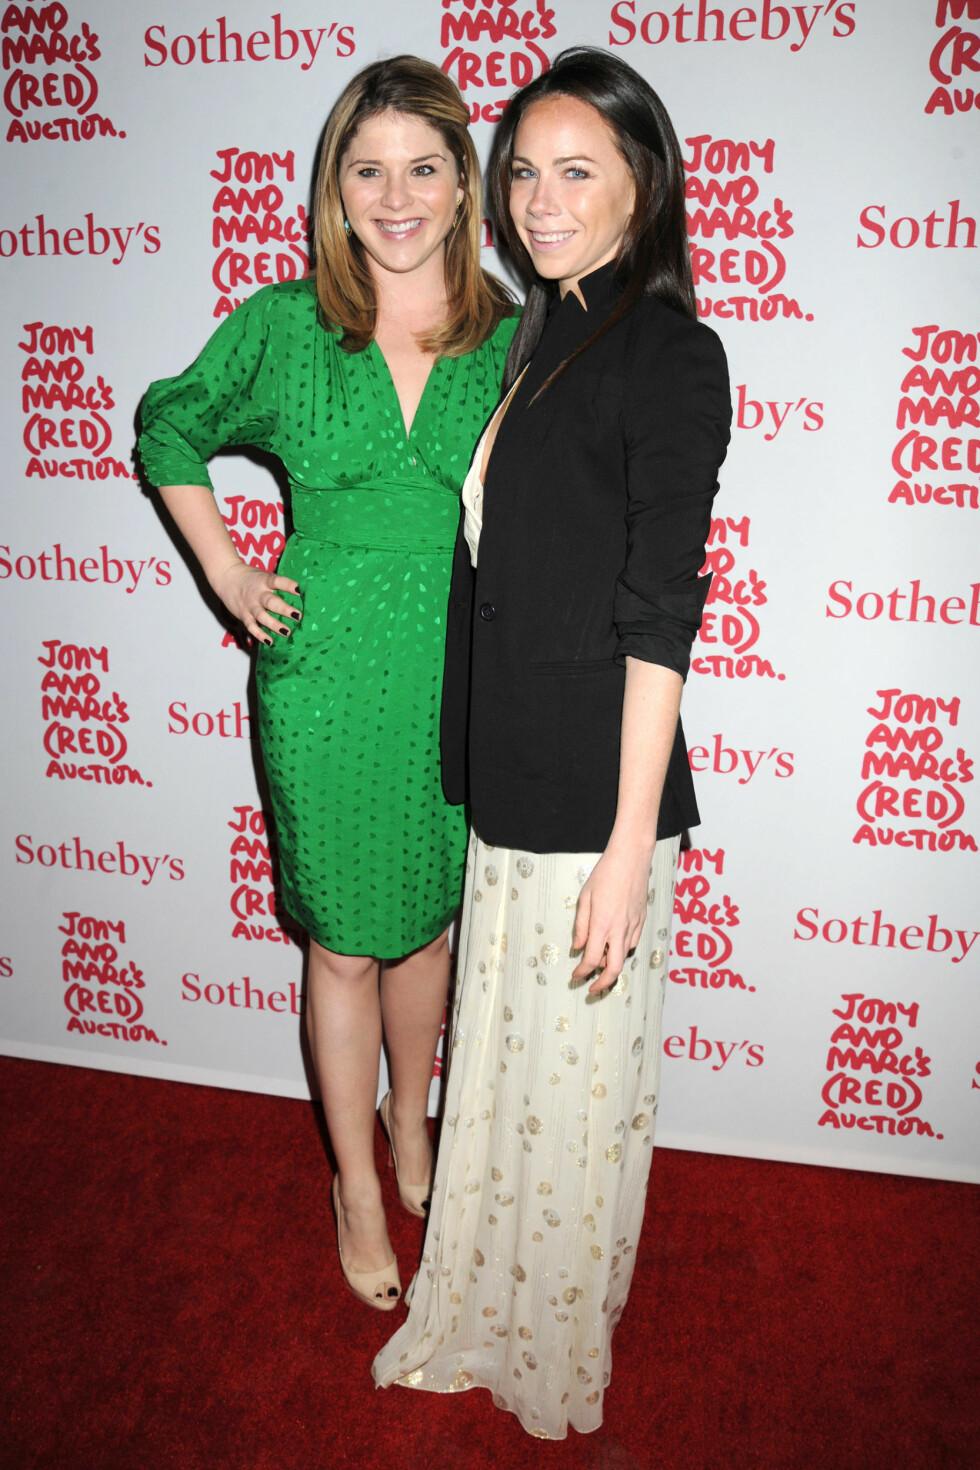 ULIKE: Søstrene Jenna (f.v) og Barbara Bush på et event i New York.  Foto: Johns PKI / Splash News/ All Over Press